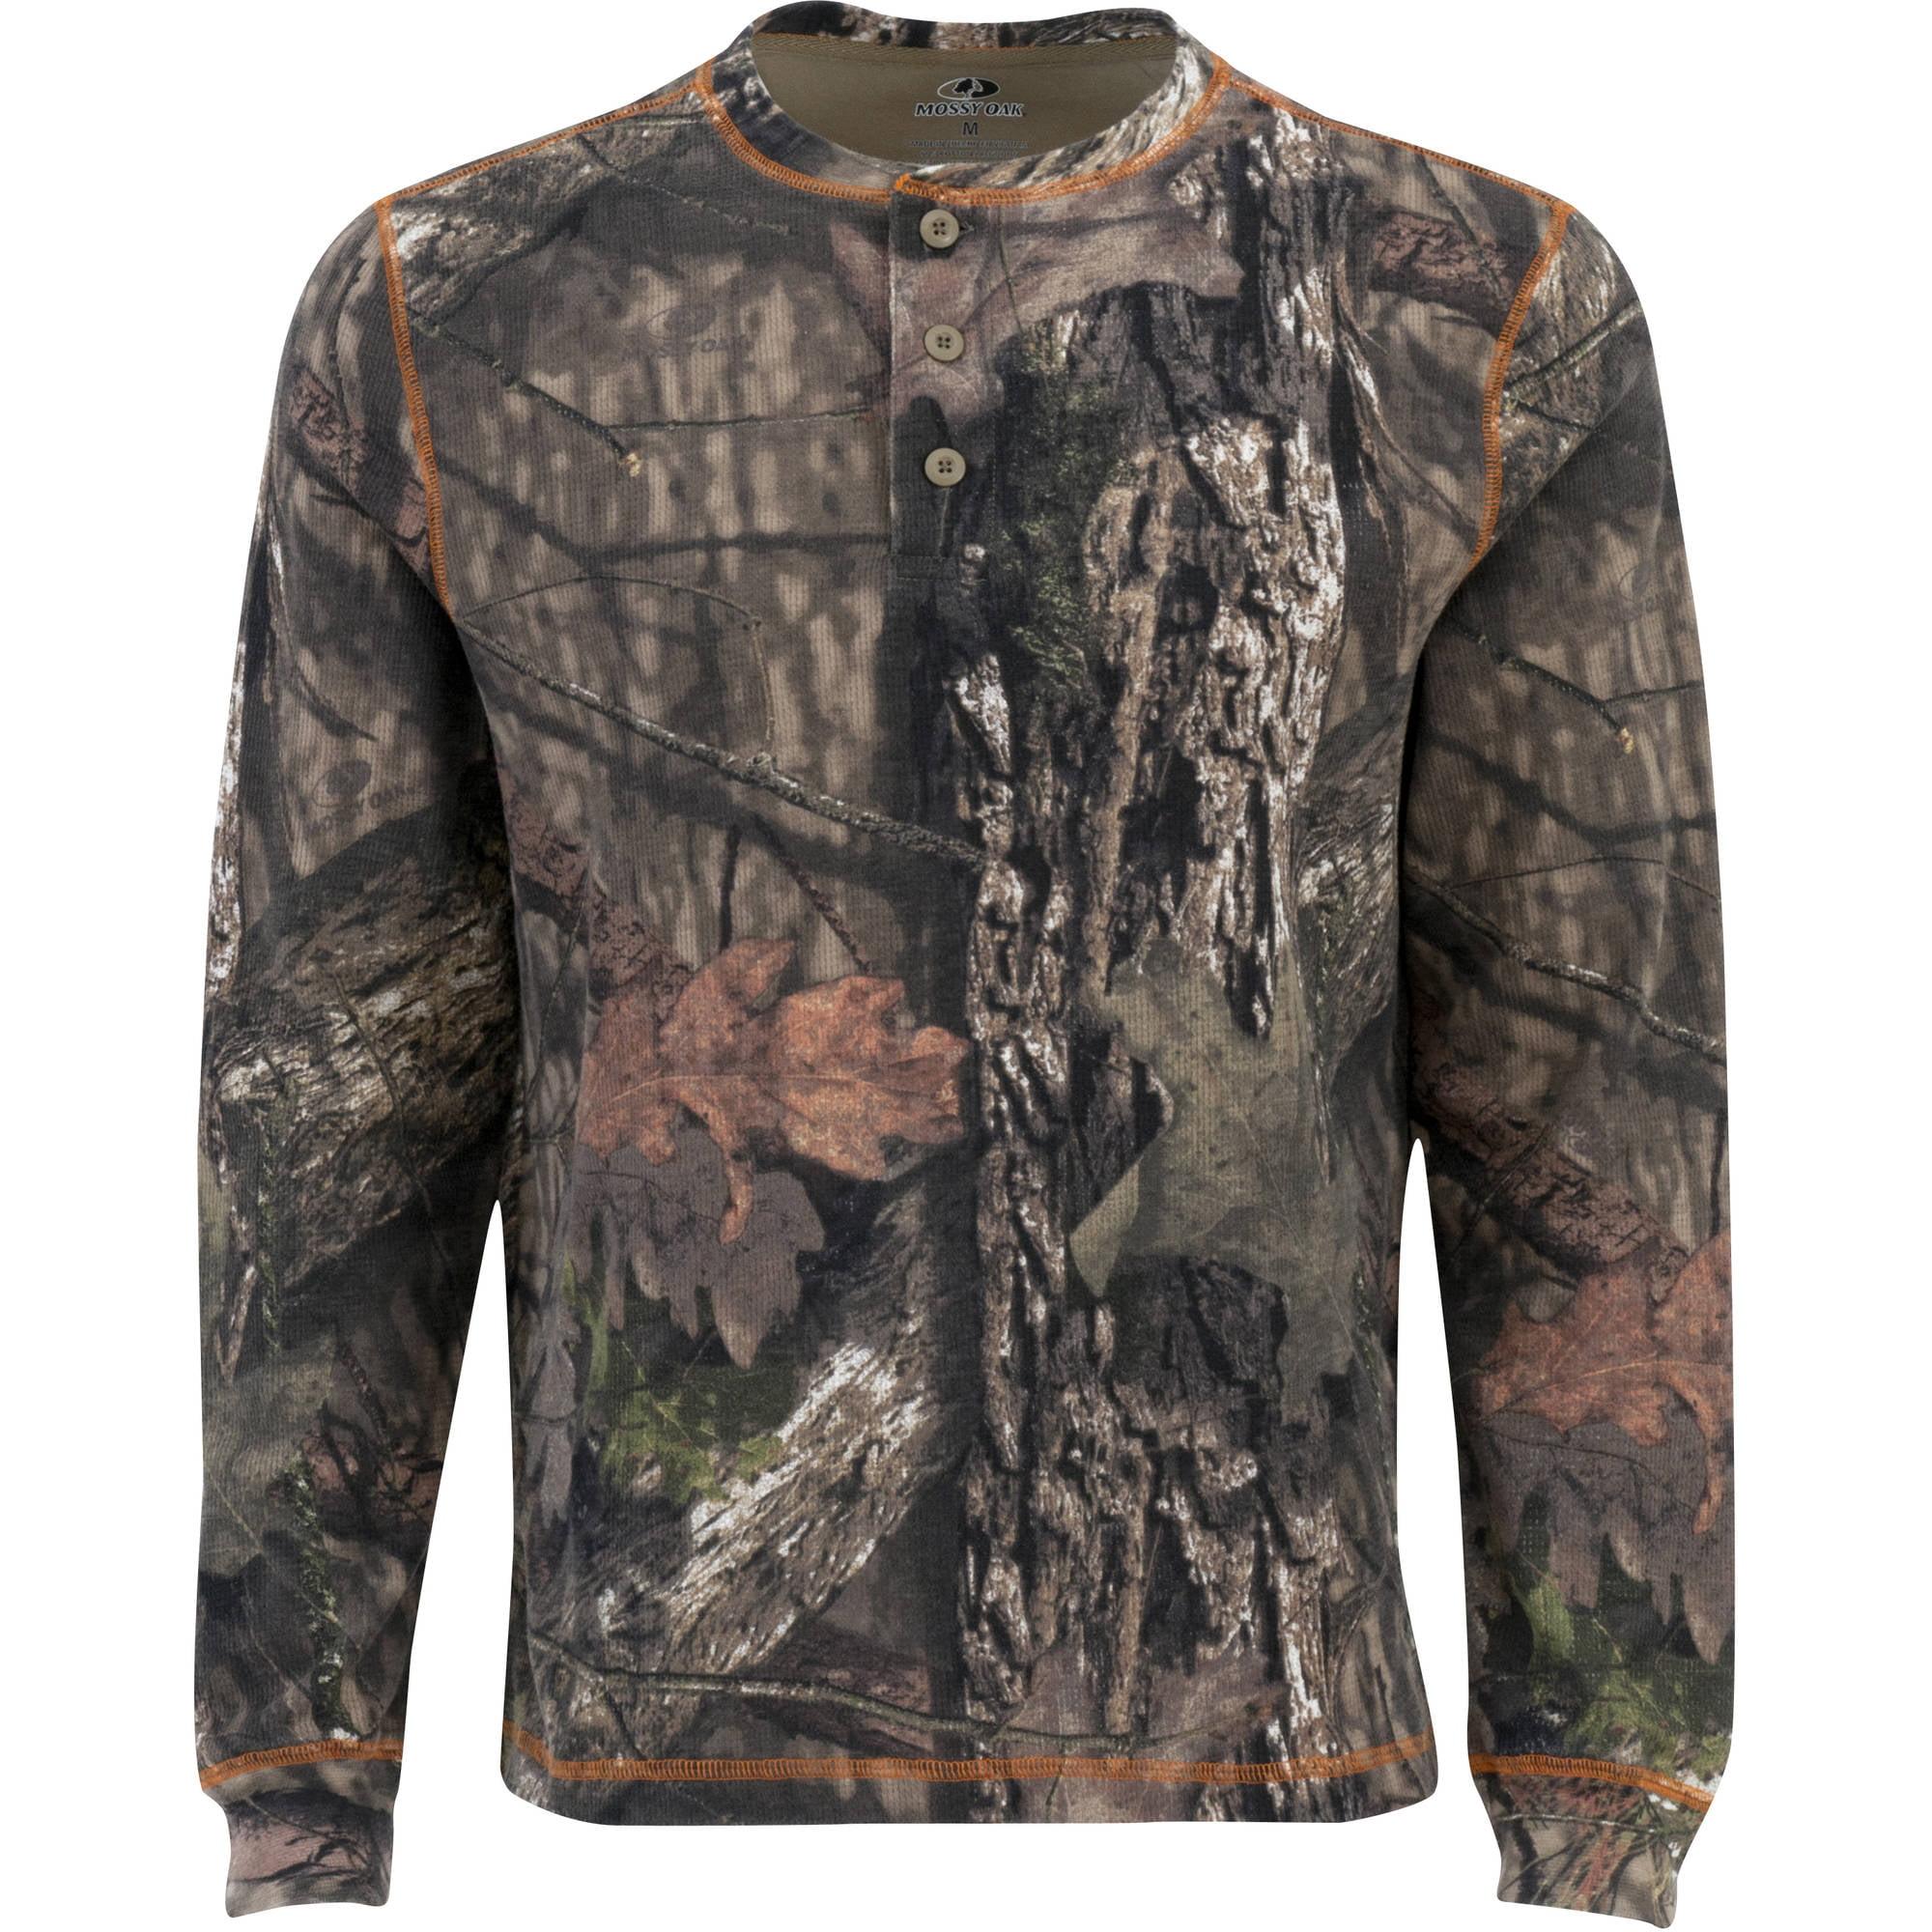 Mossy Oak Men's Long Sleeve Thermal Henley, Multiple Patterns